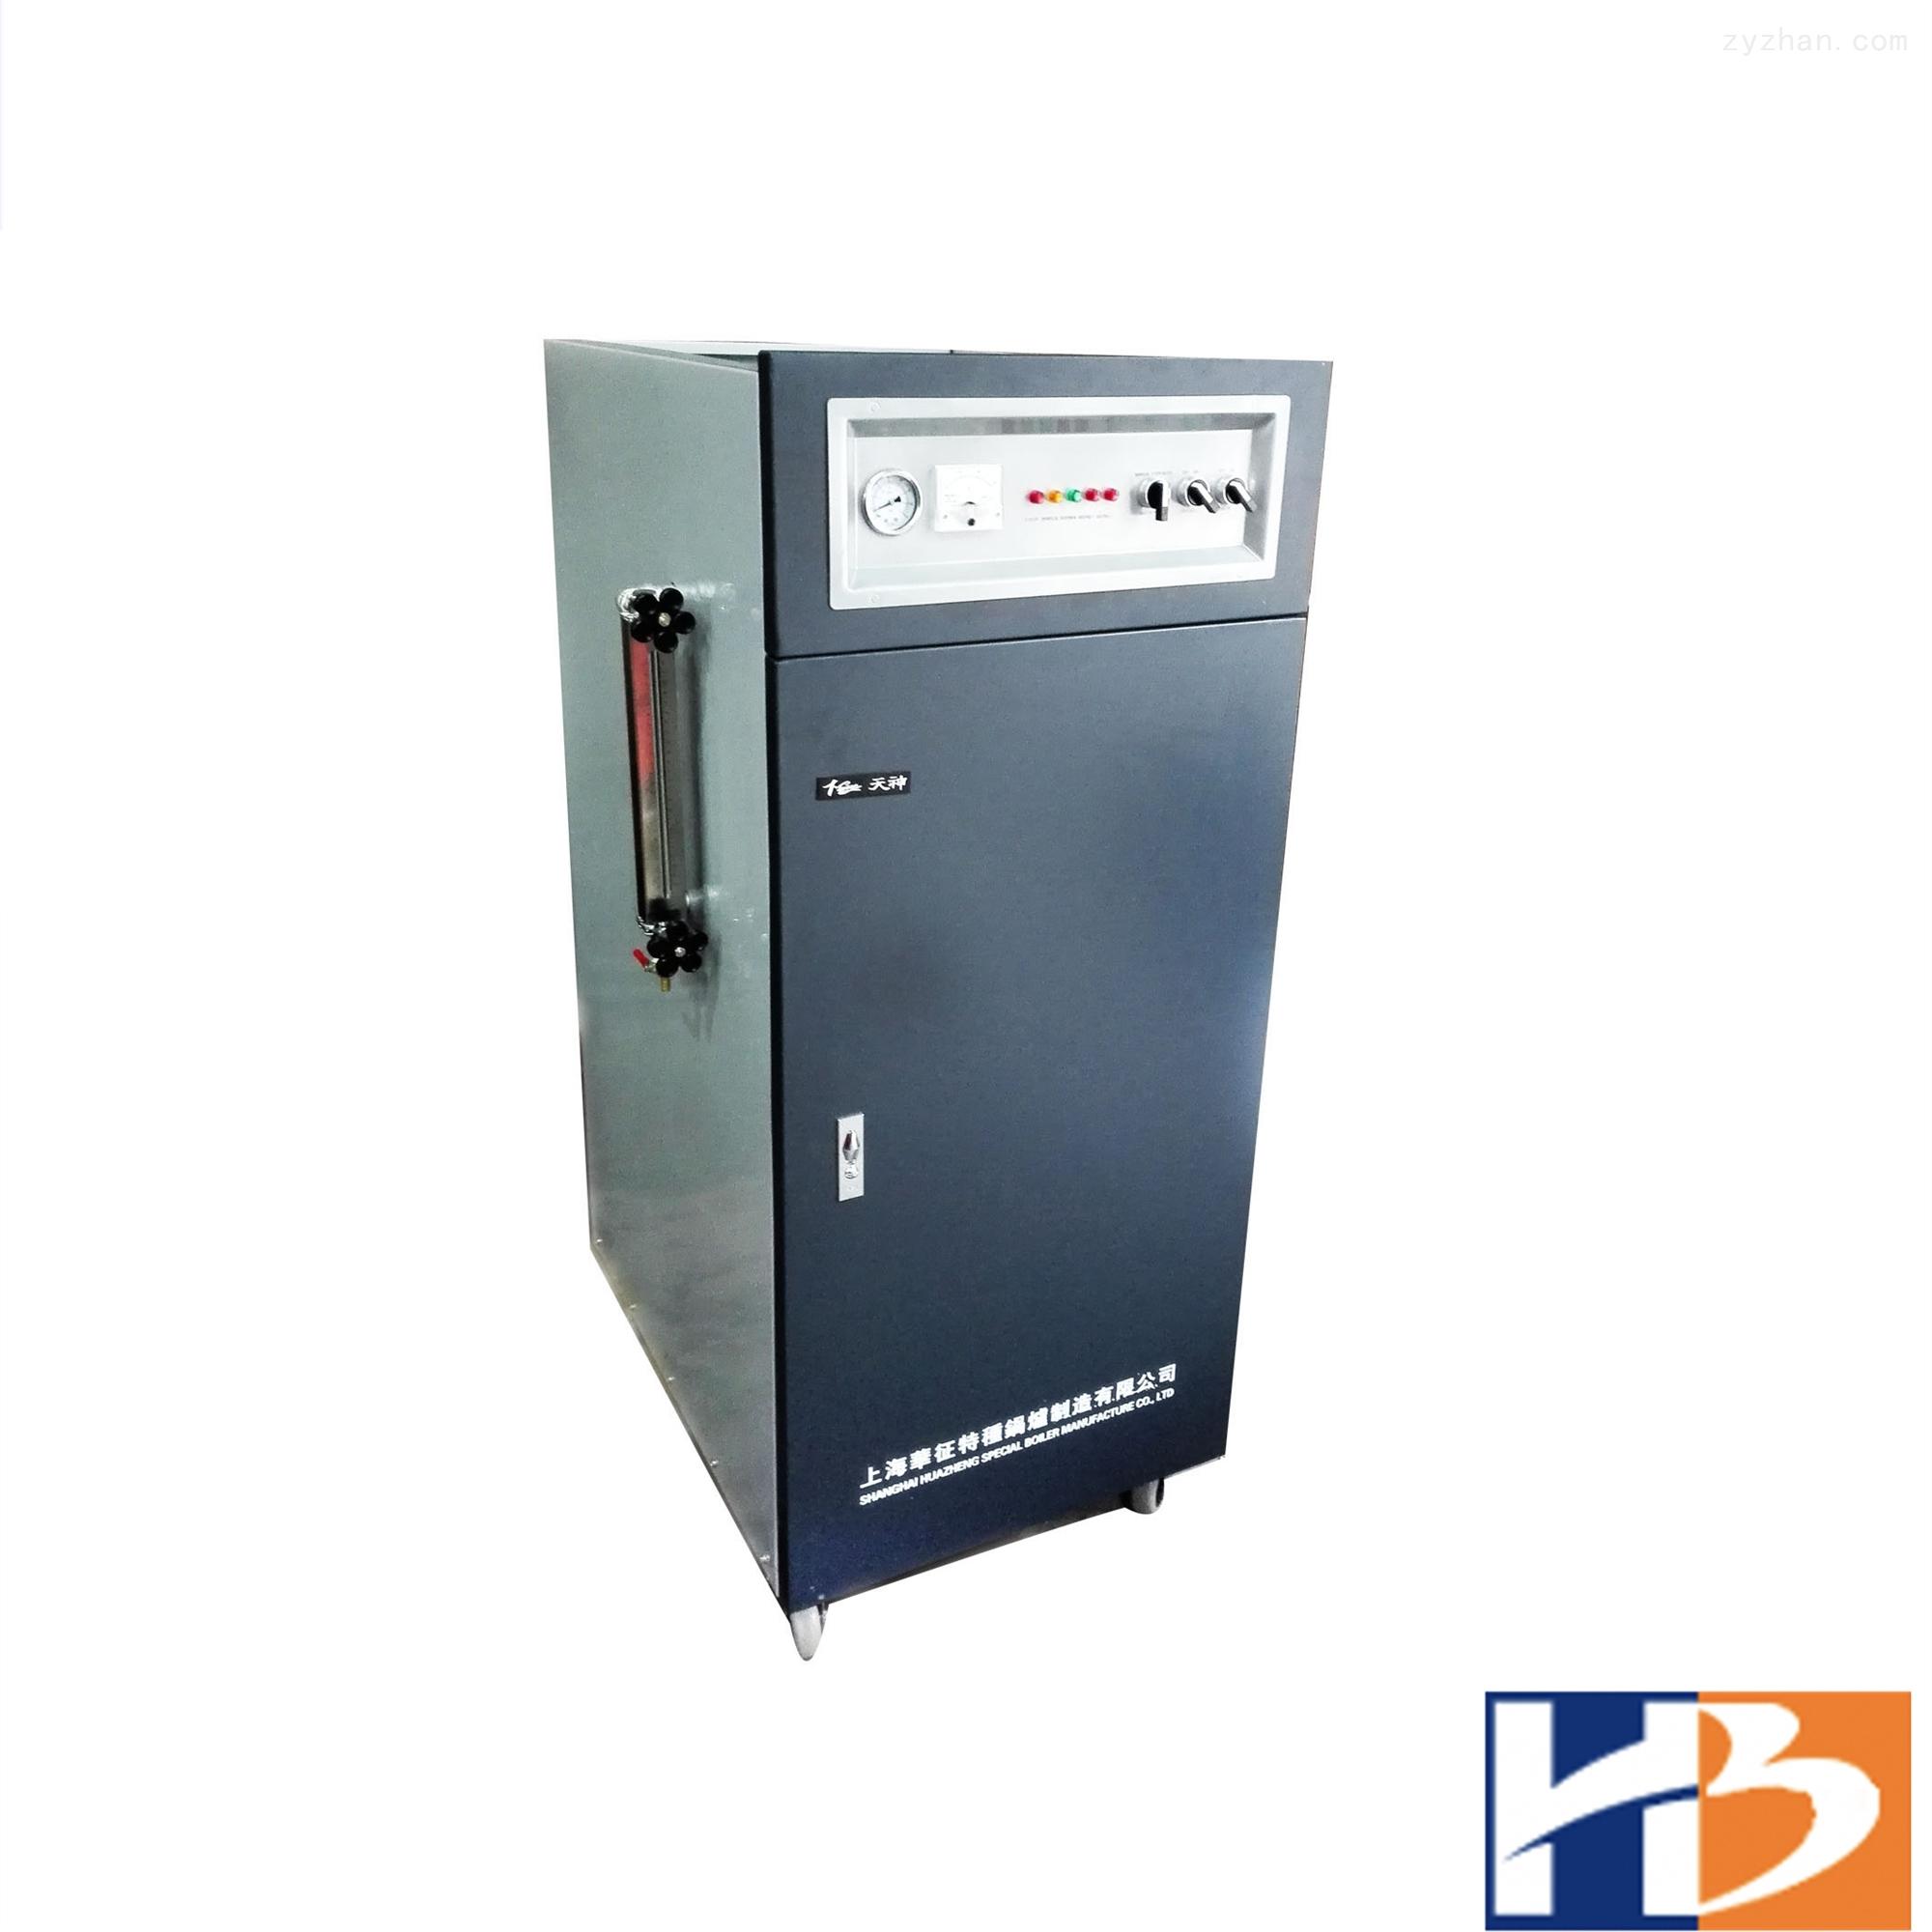 供应全自动免锅检系列电锅炉、热水锅炉(9-72kw)